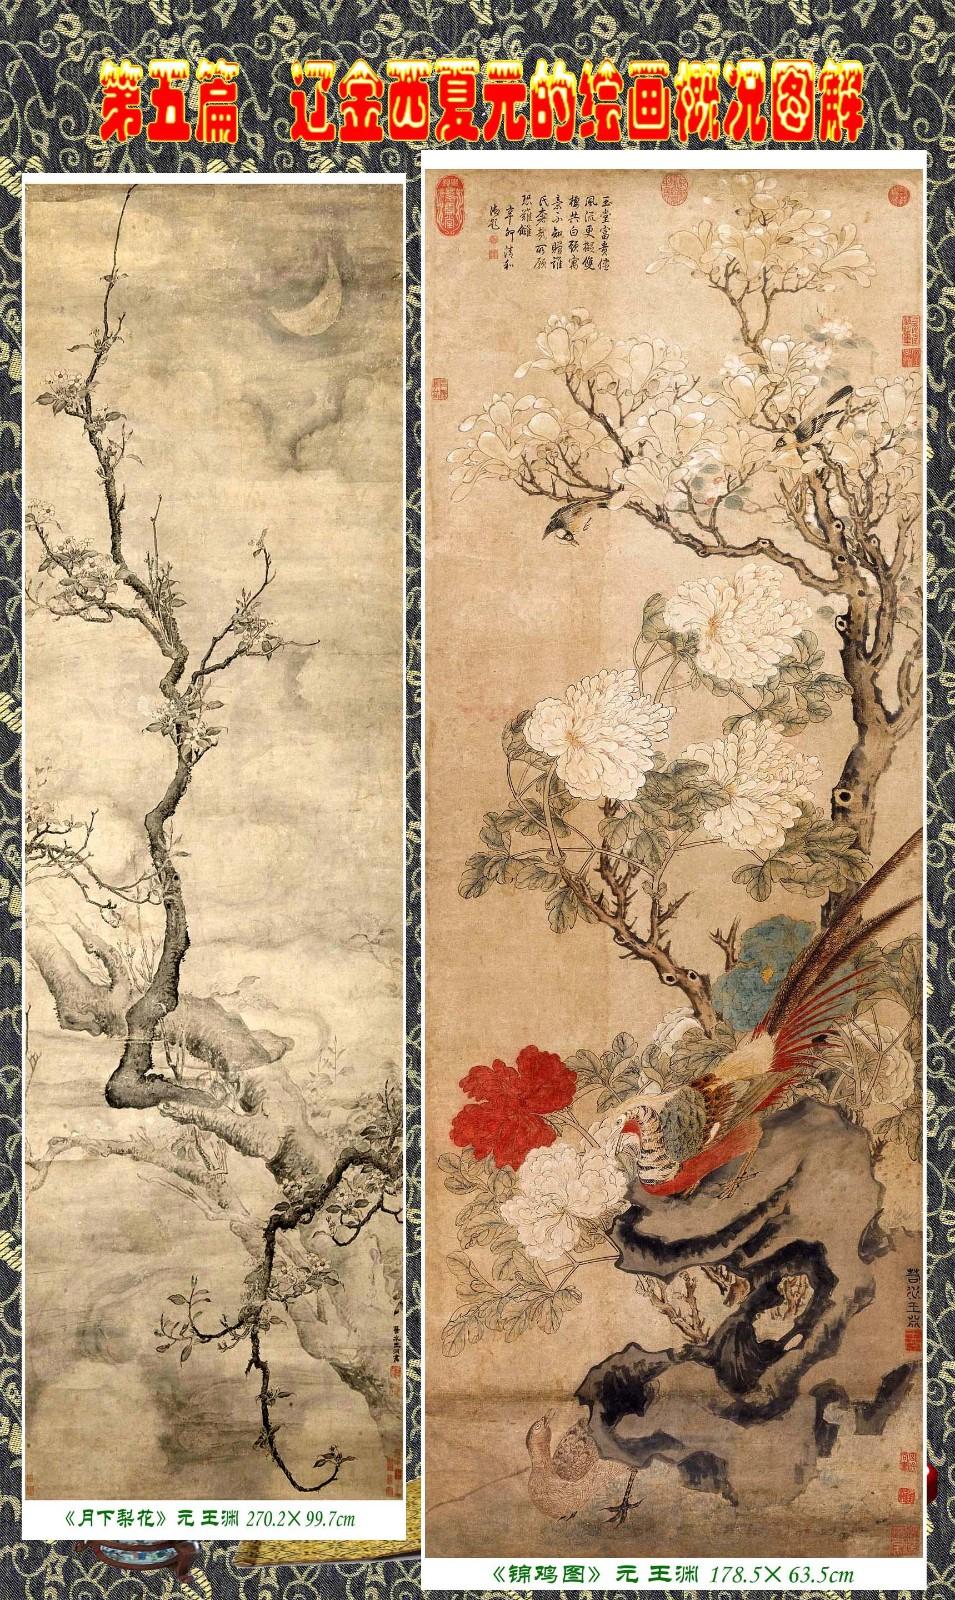 顾绍骅编辑 中国画知识普及版 第五篇 辽金西夏元的绘画概况 下 ... ..._图1-68